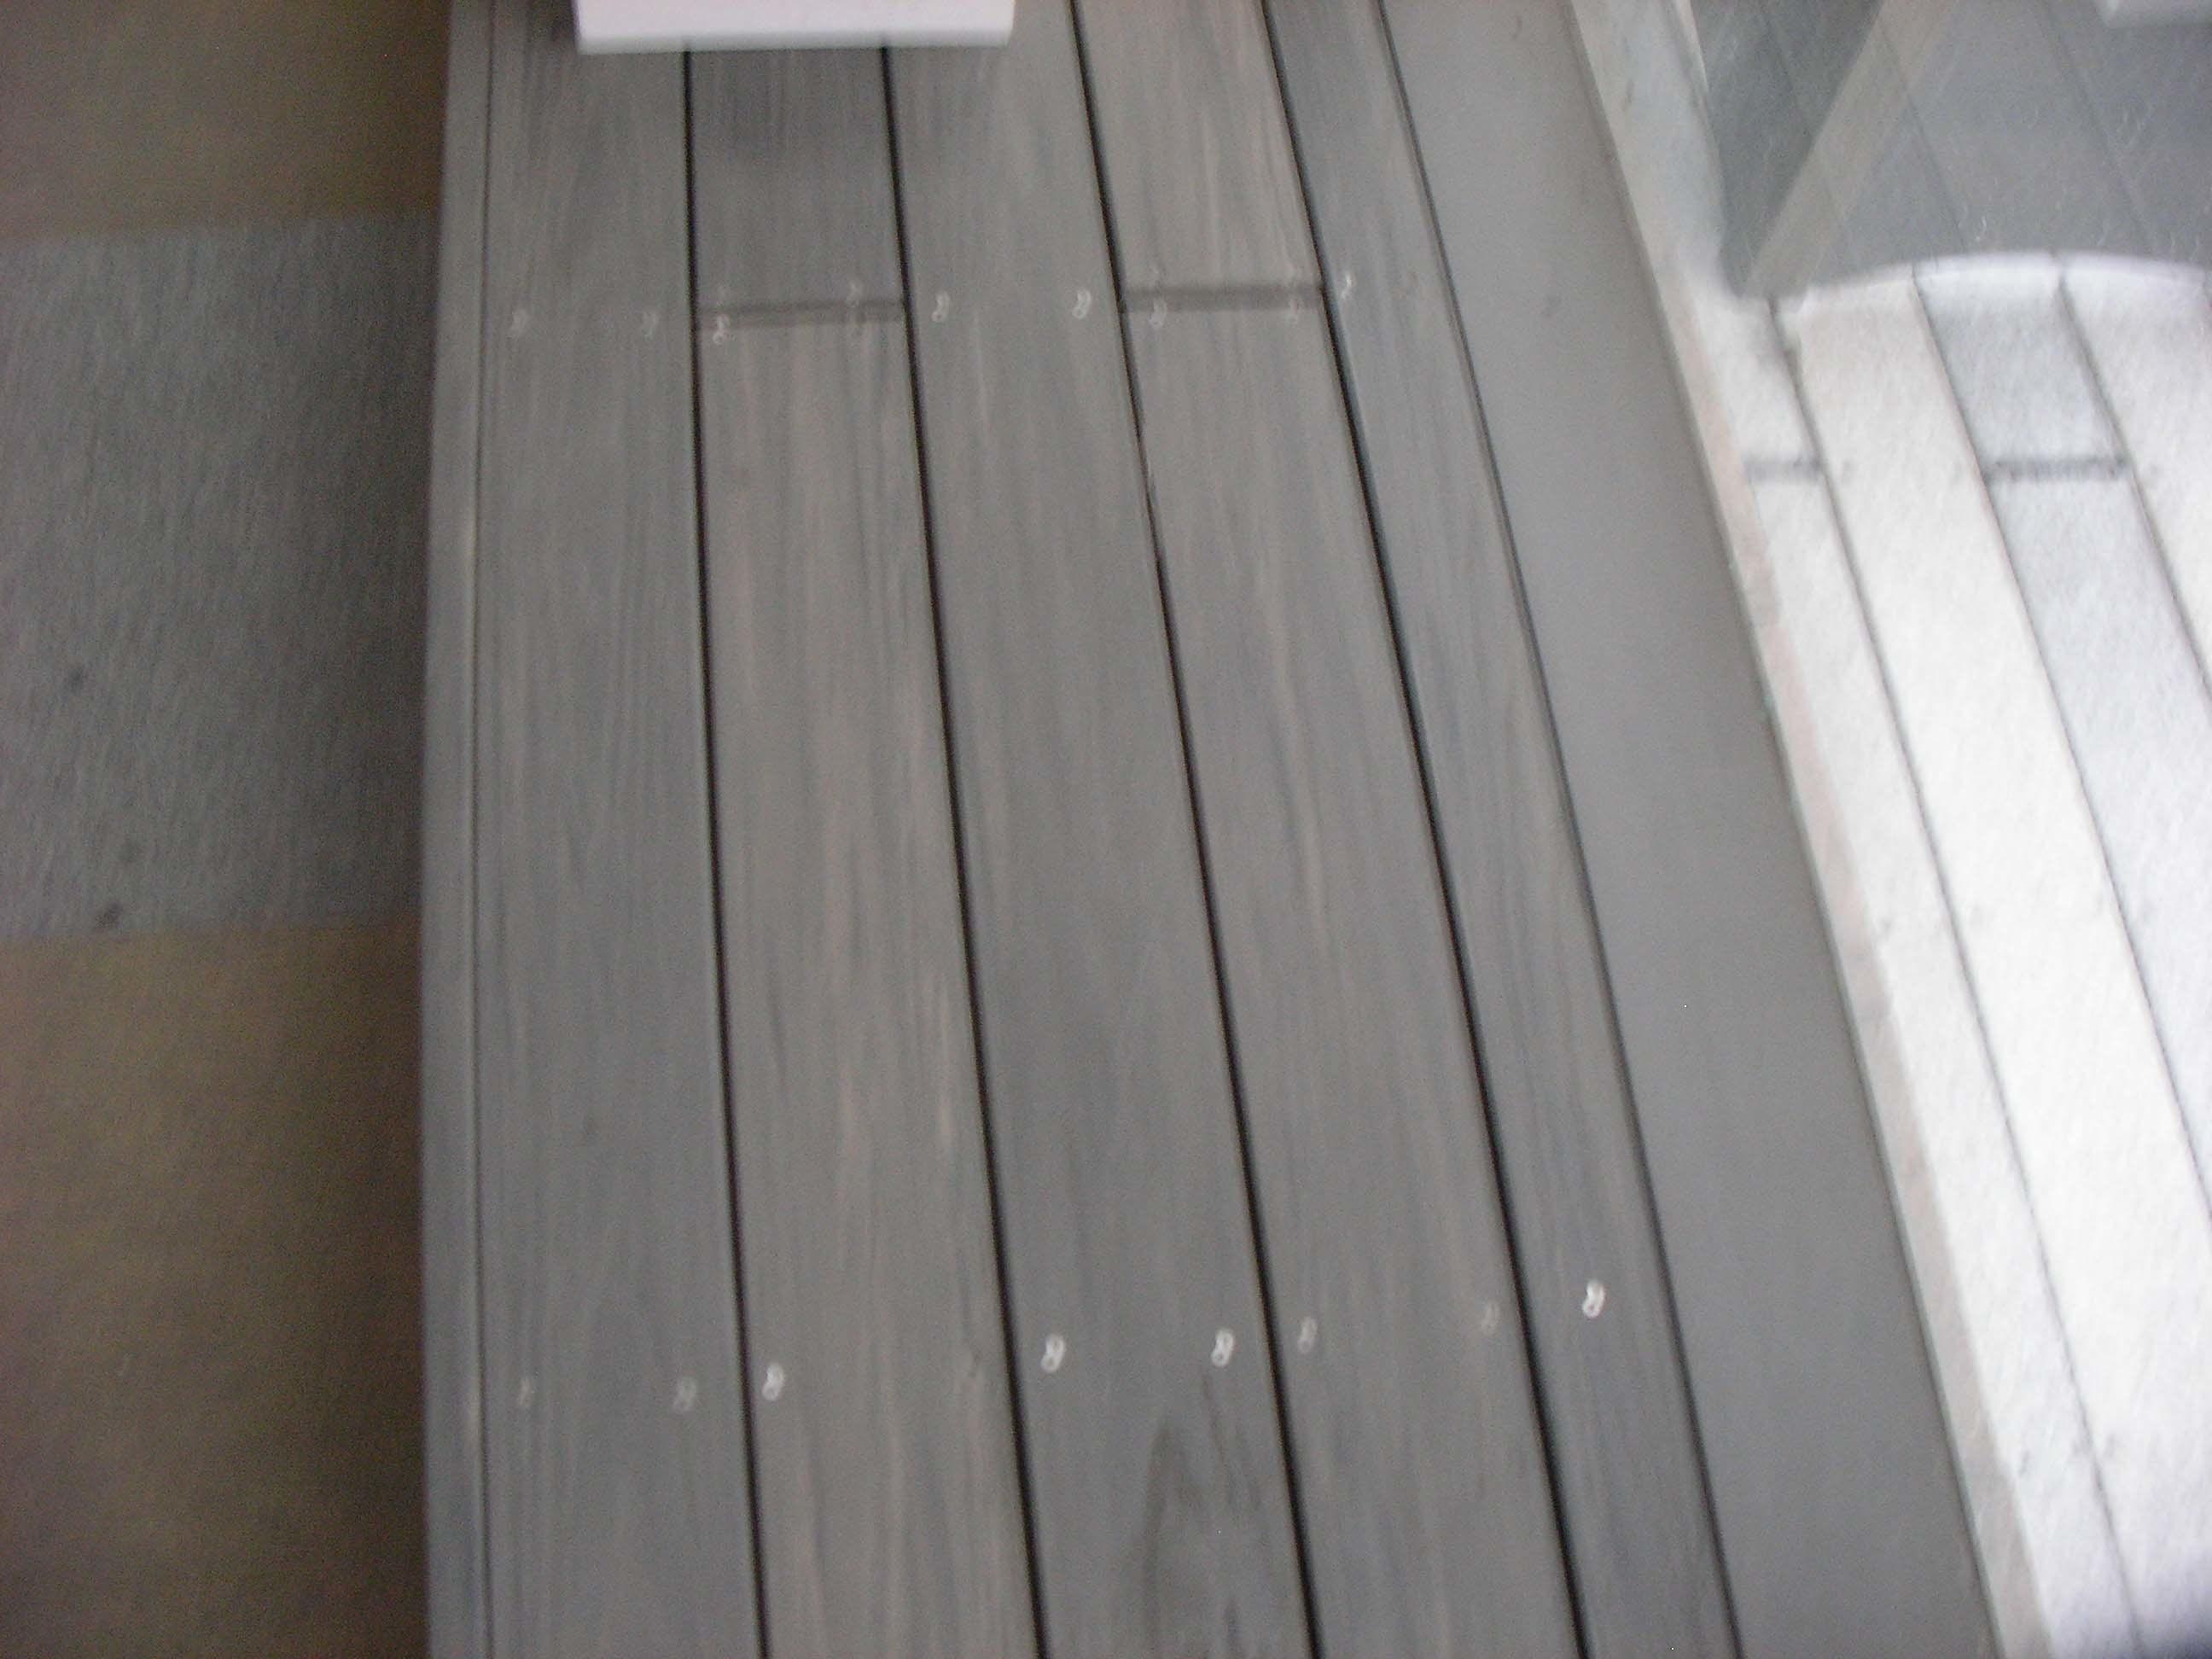 Pavimento del pvc per esterno 103 pavimento del pvc per esterno 103 fornito dasuzhou - Pavimento pvc esterno ...